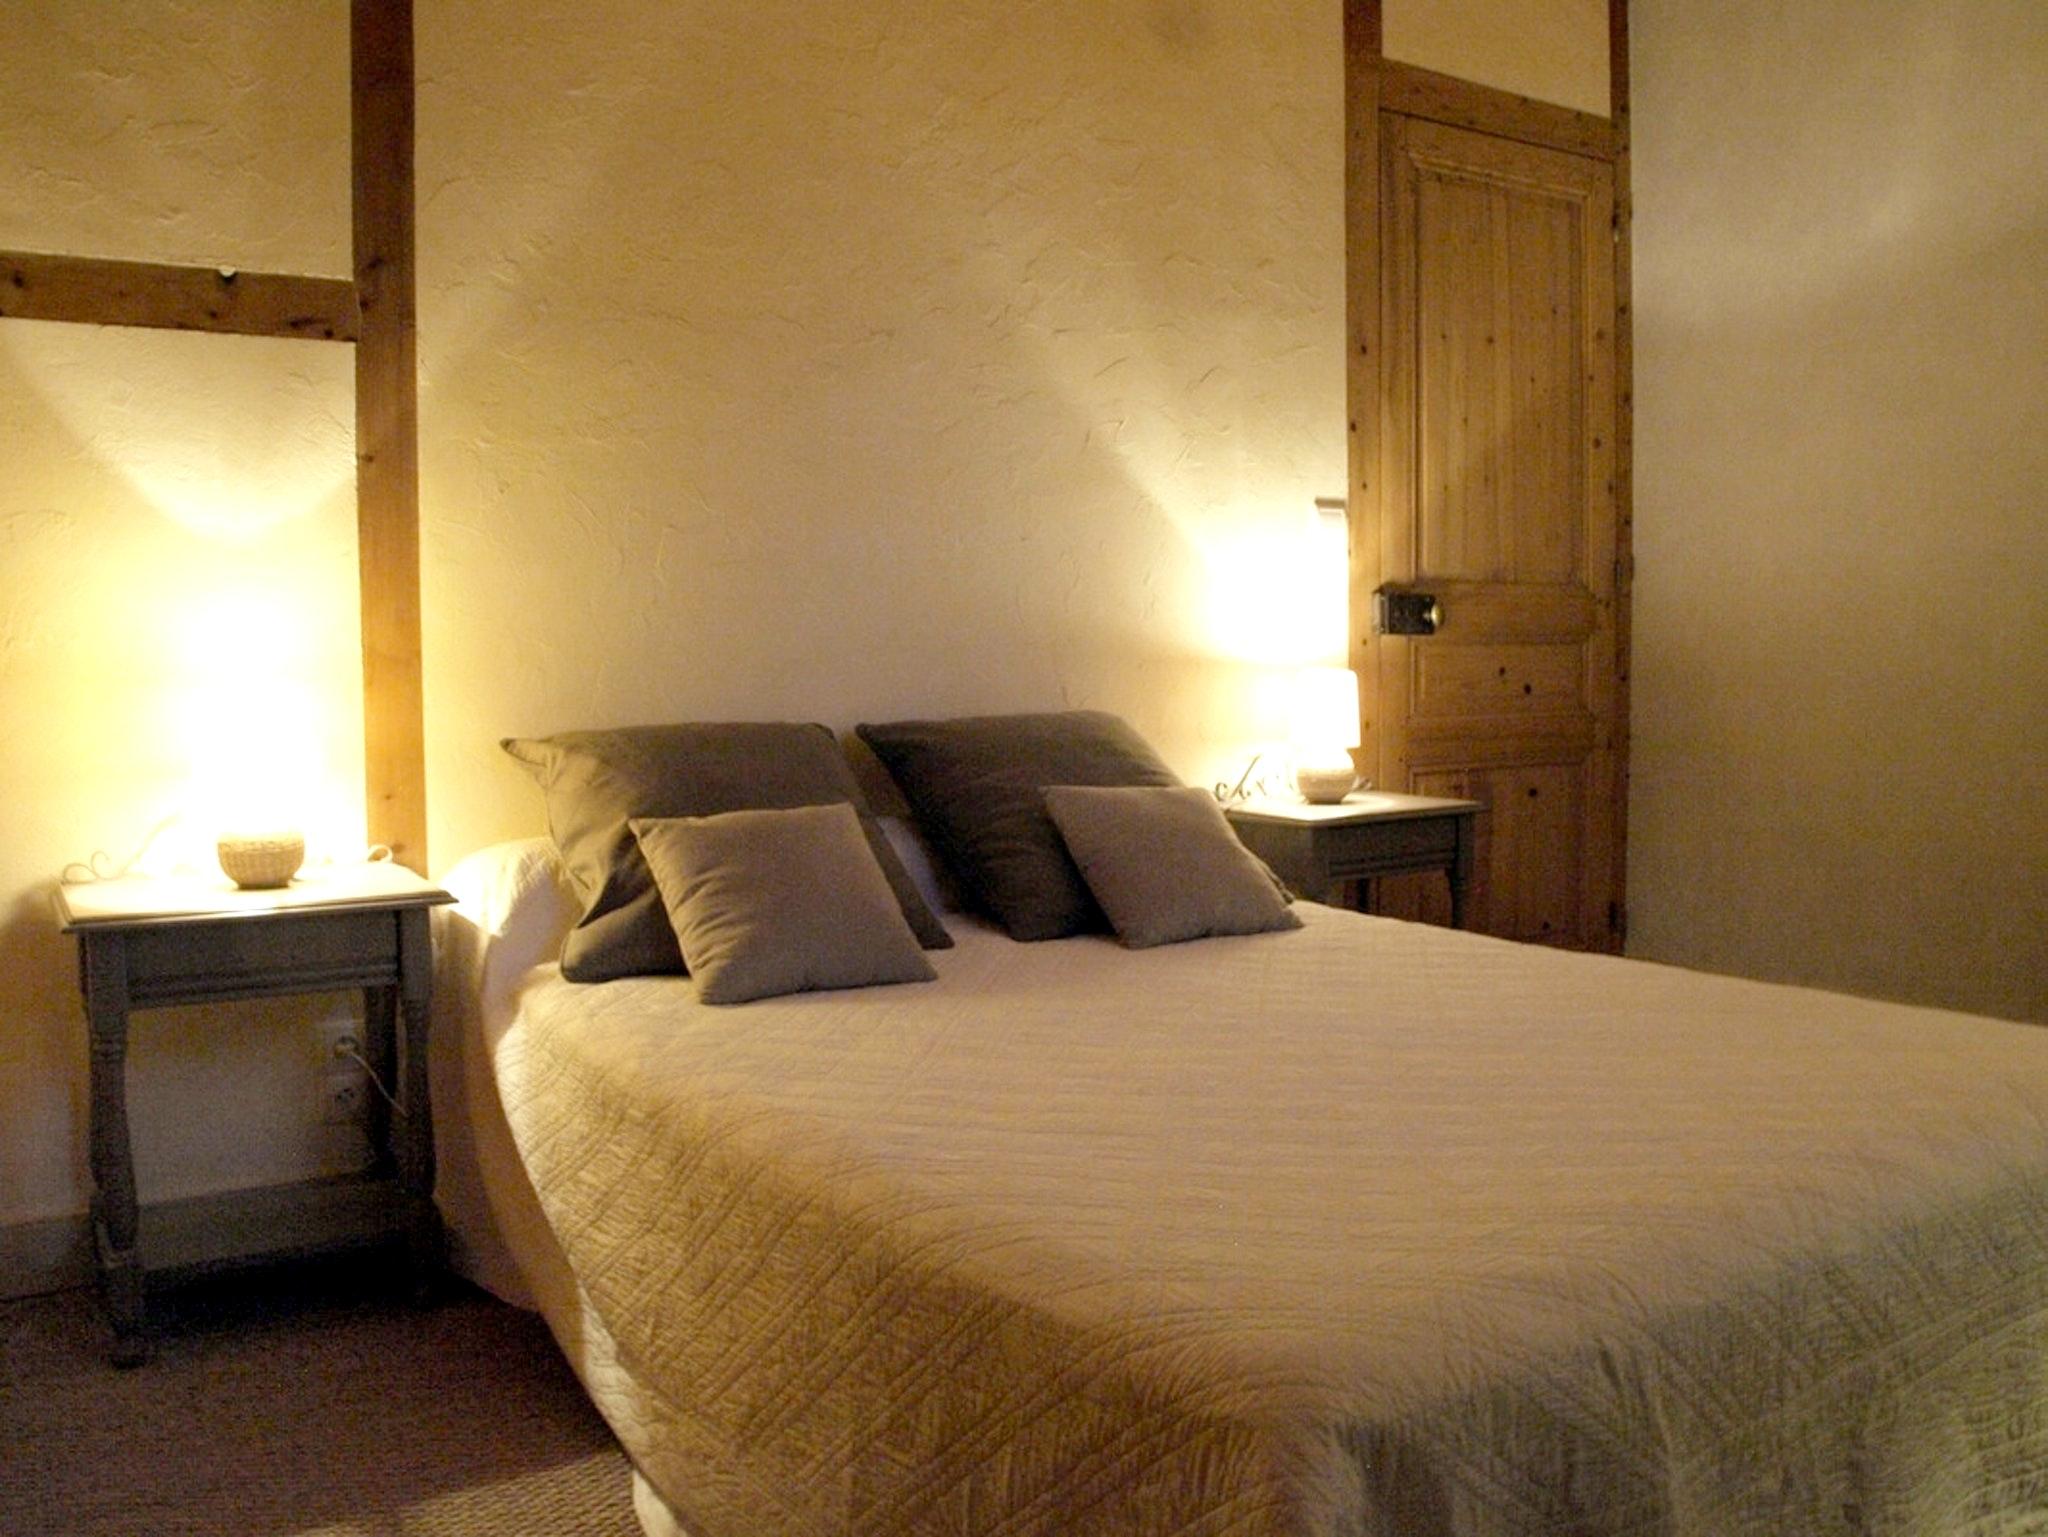 Maison de vacances Haus mit 2 Schlafzimmern in Villard-Saint-Sauveur mit toller Aussicht auf die Berge und ei (2704040), Villard sur Bienne, Jura, Franche-Comté, France, image 16